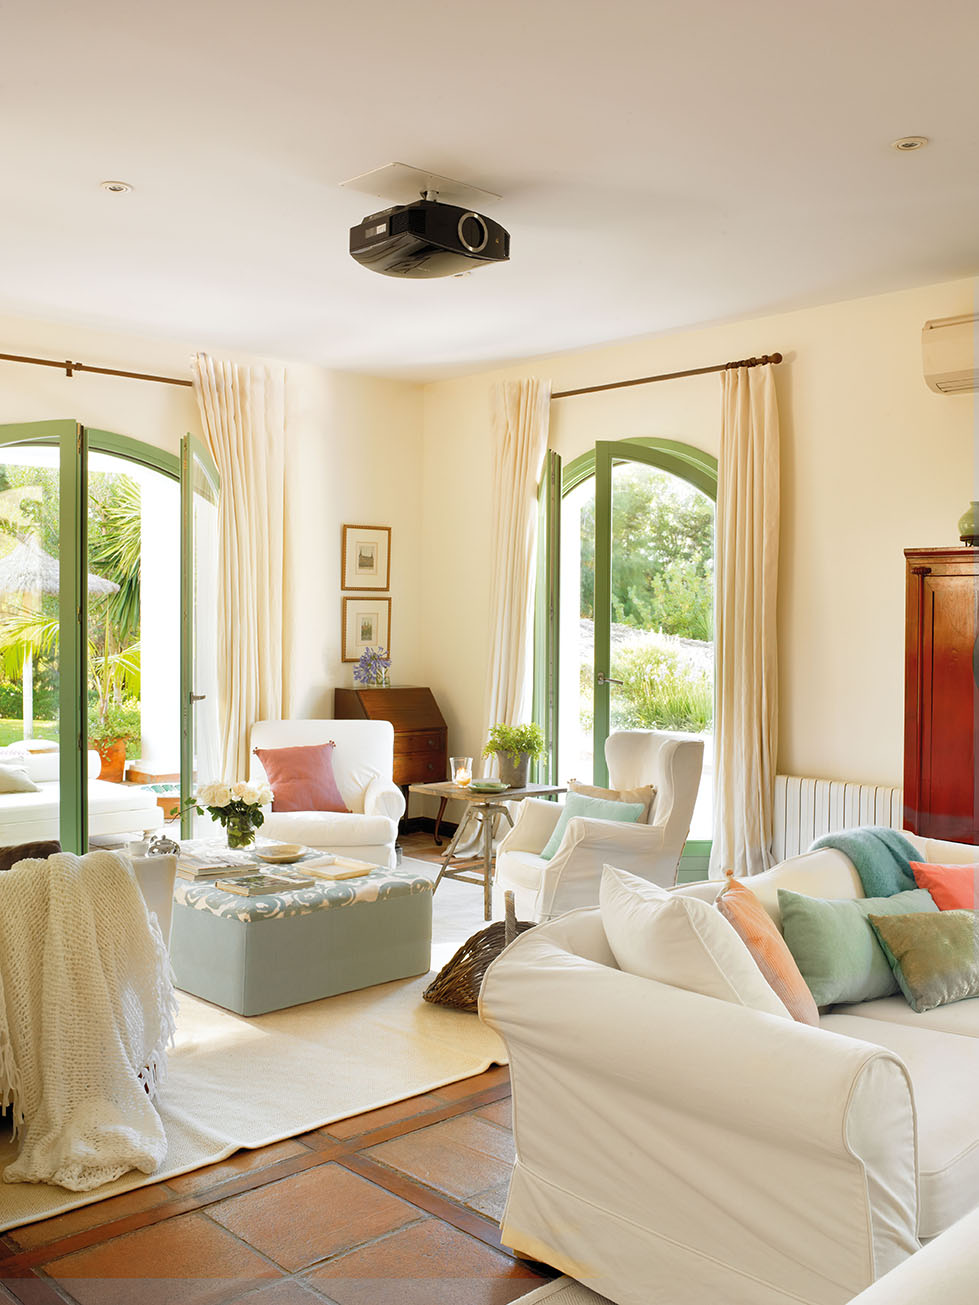 00324103. Luminoso salón con sillones en blanco y un secreter en el rincón_00324103